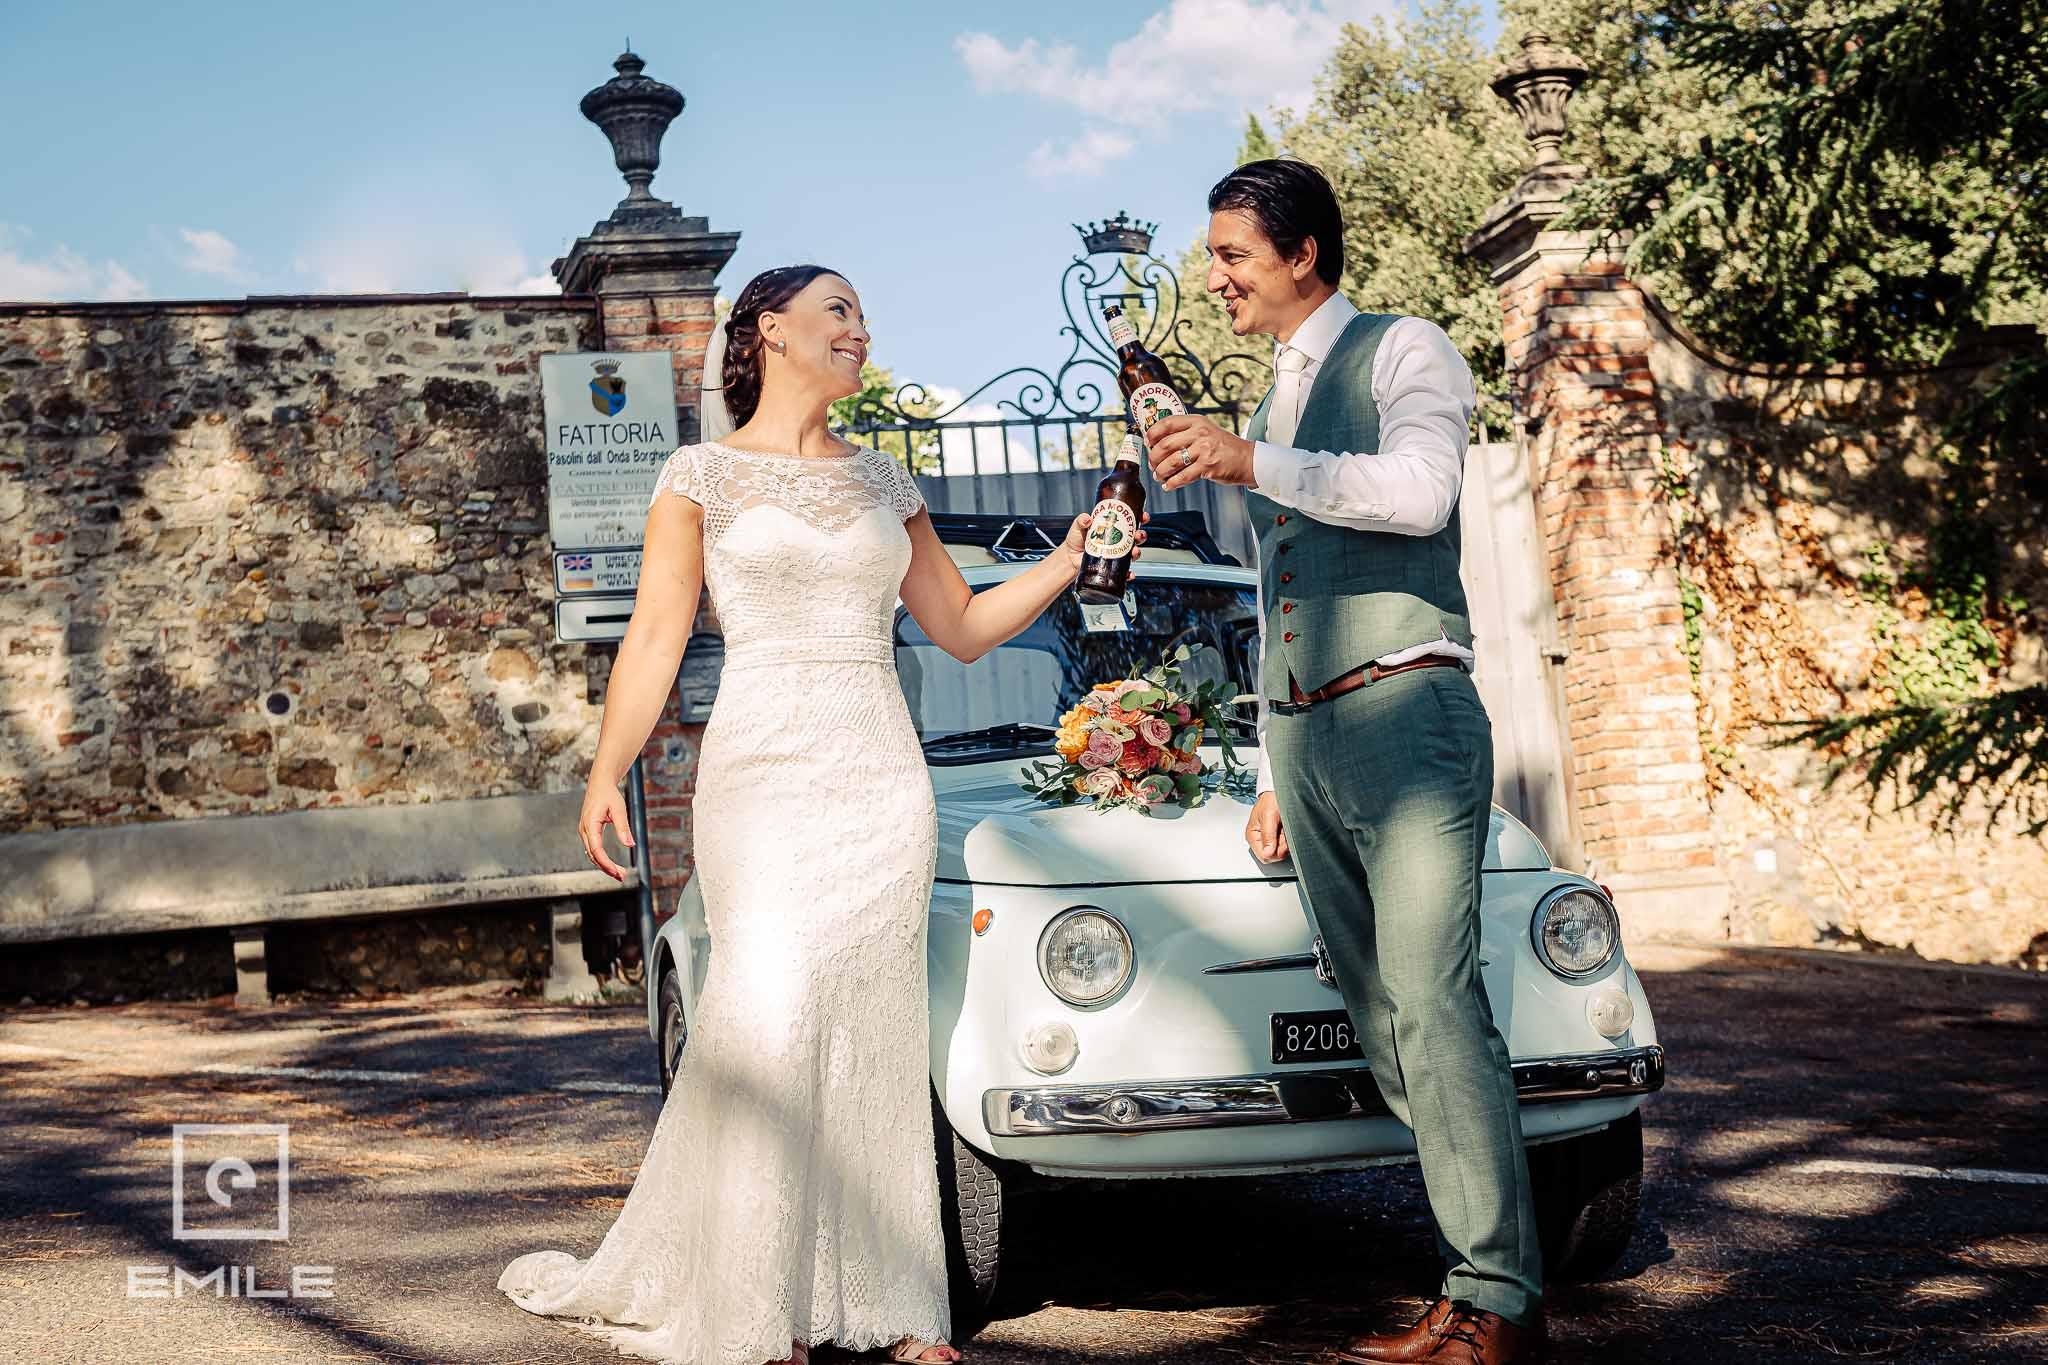 Bruidspaar even proostend met een Italiaans biertje - Destination wedding San Gimignano - Toscane Italie - Iris en Job